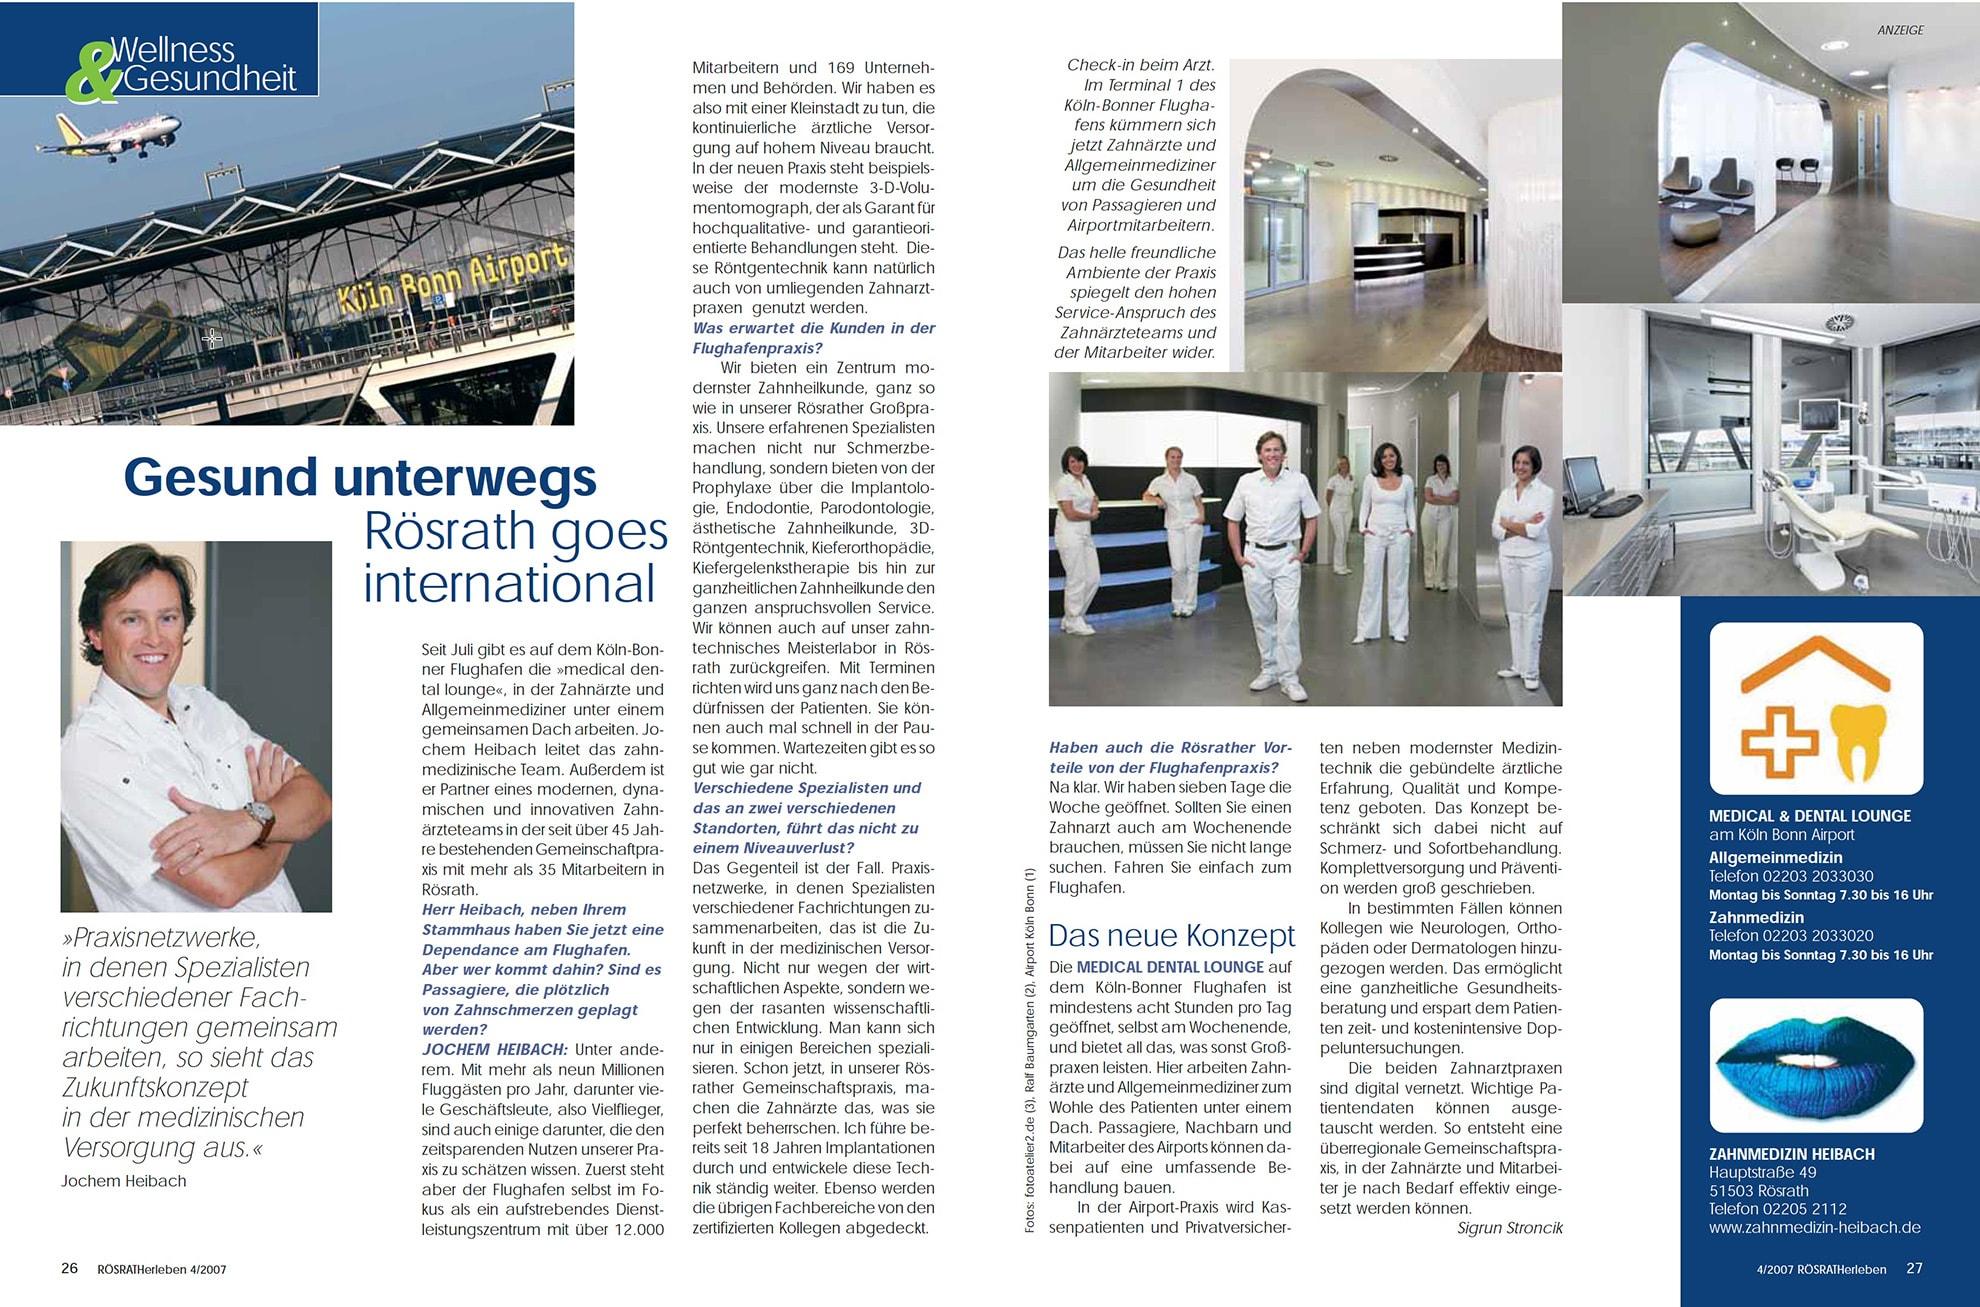 Z-MVZ dental suite - Pressemitteilung: Gesund unterwegs - Rösrath goes international